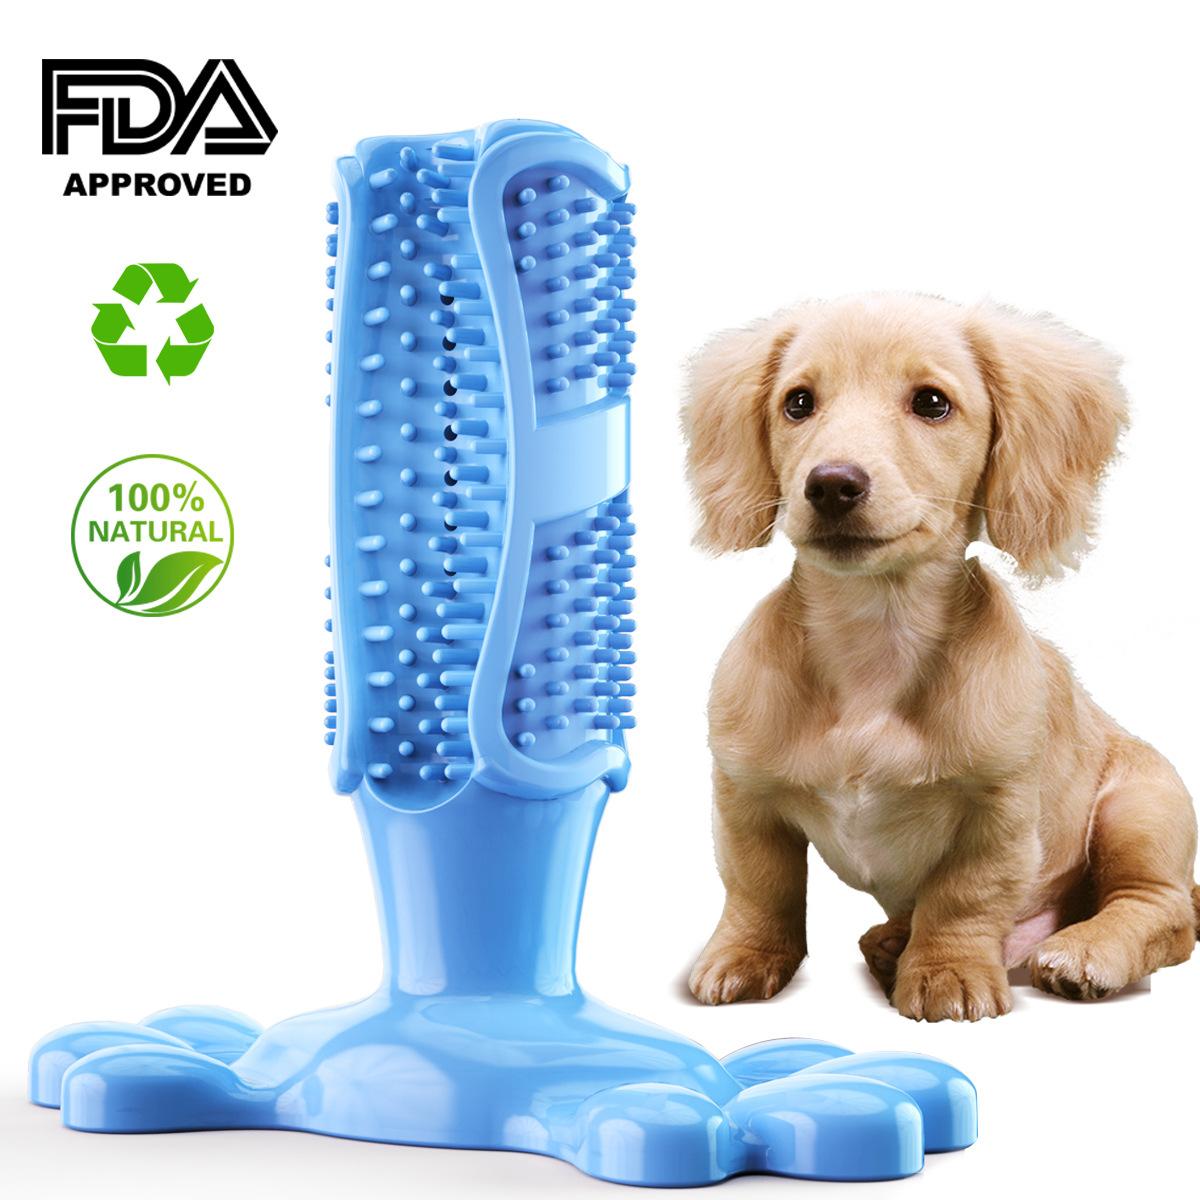 宠物用品亚马逊爆款狗狗磨牙棒 塑胶狗牙刷 宠物牙刷棒耐咬玩具